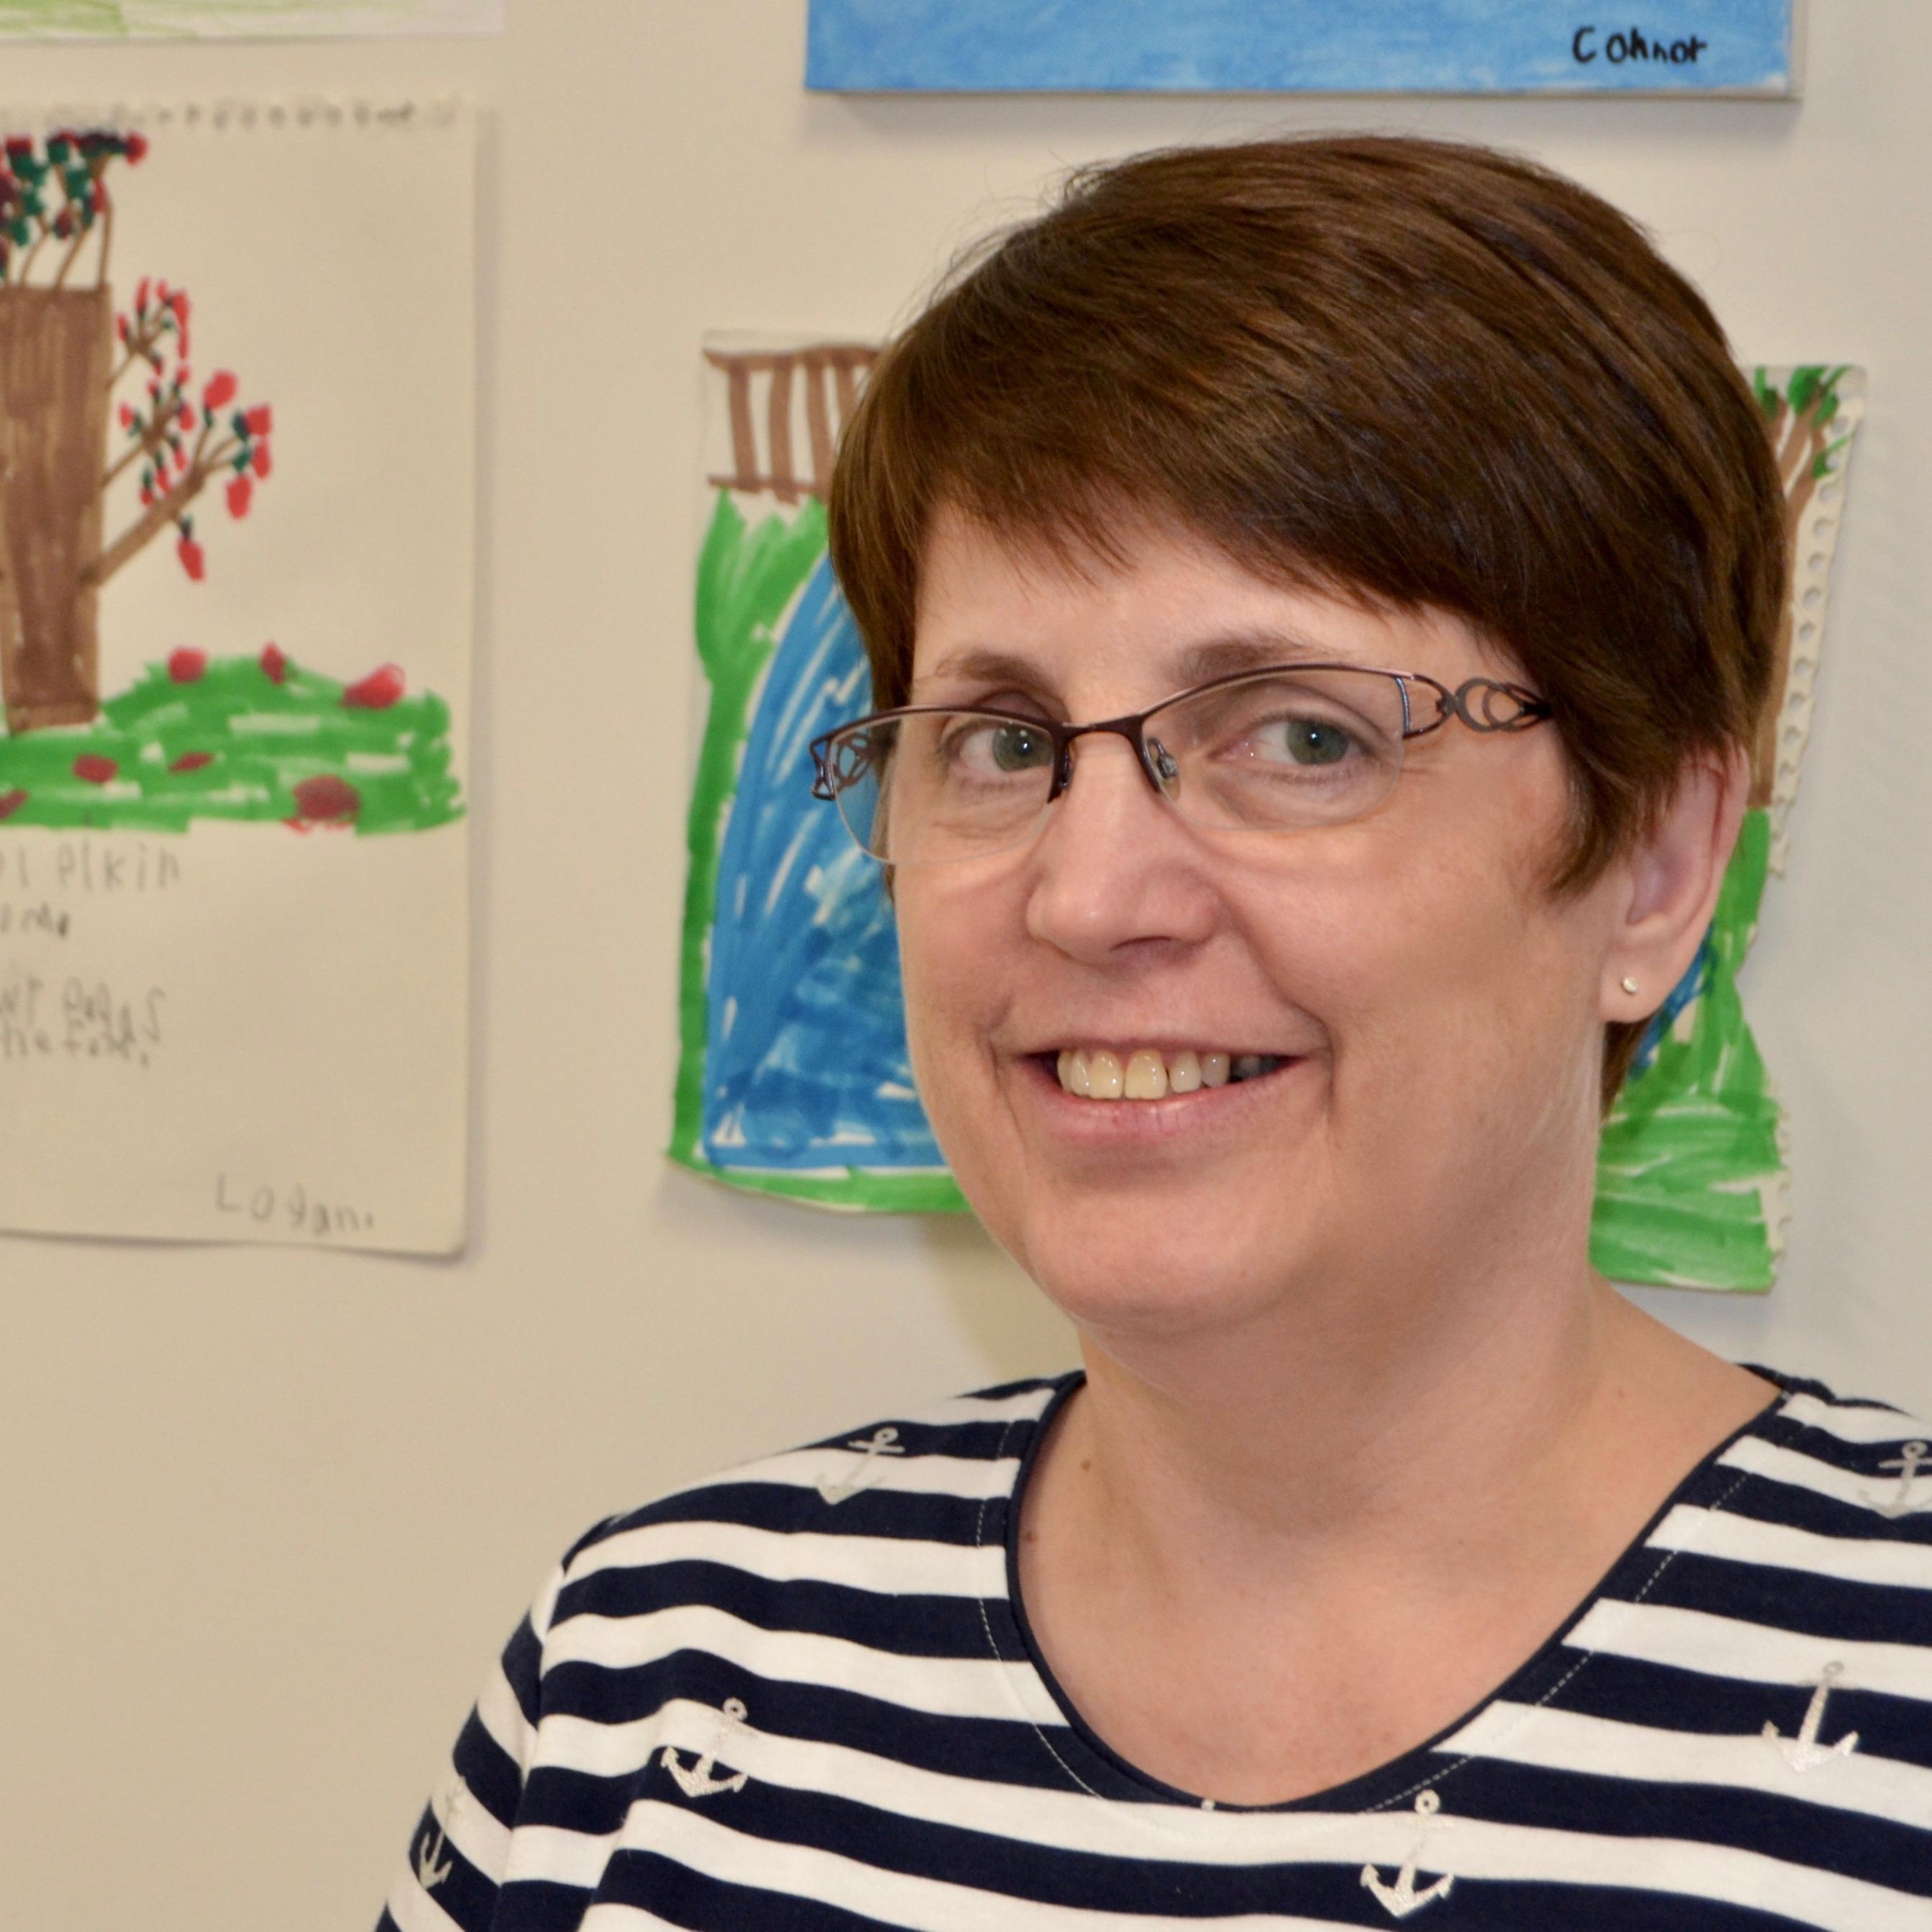 halifax learning spellread teacher